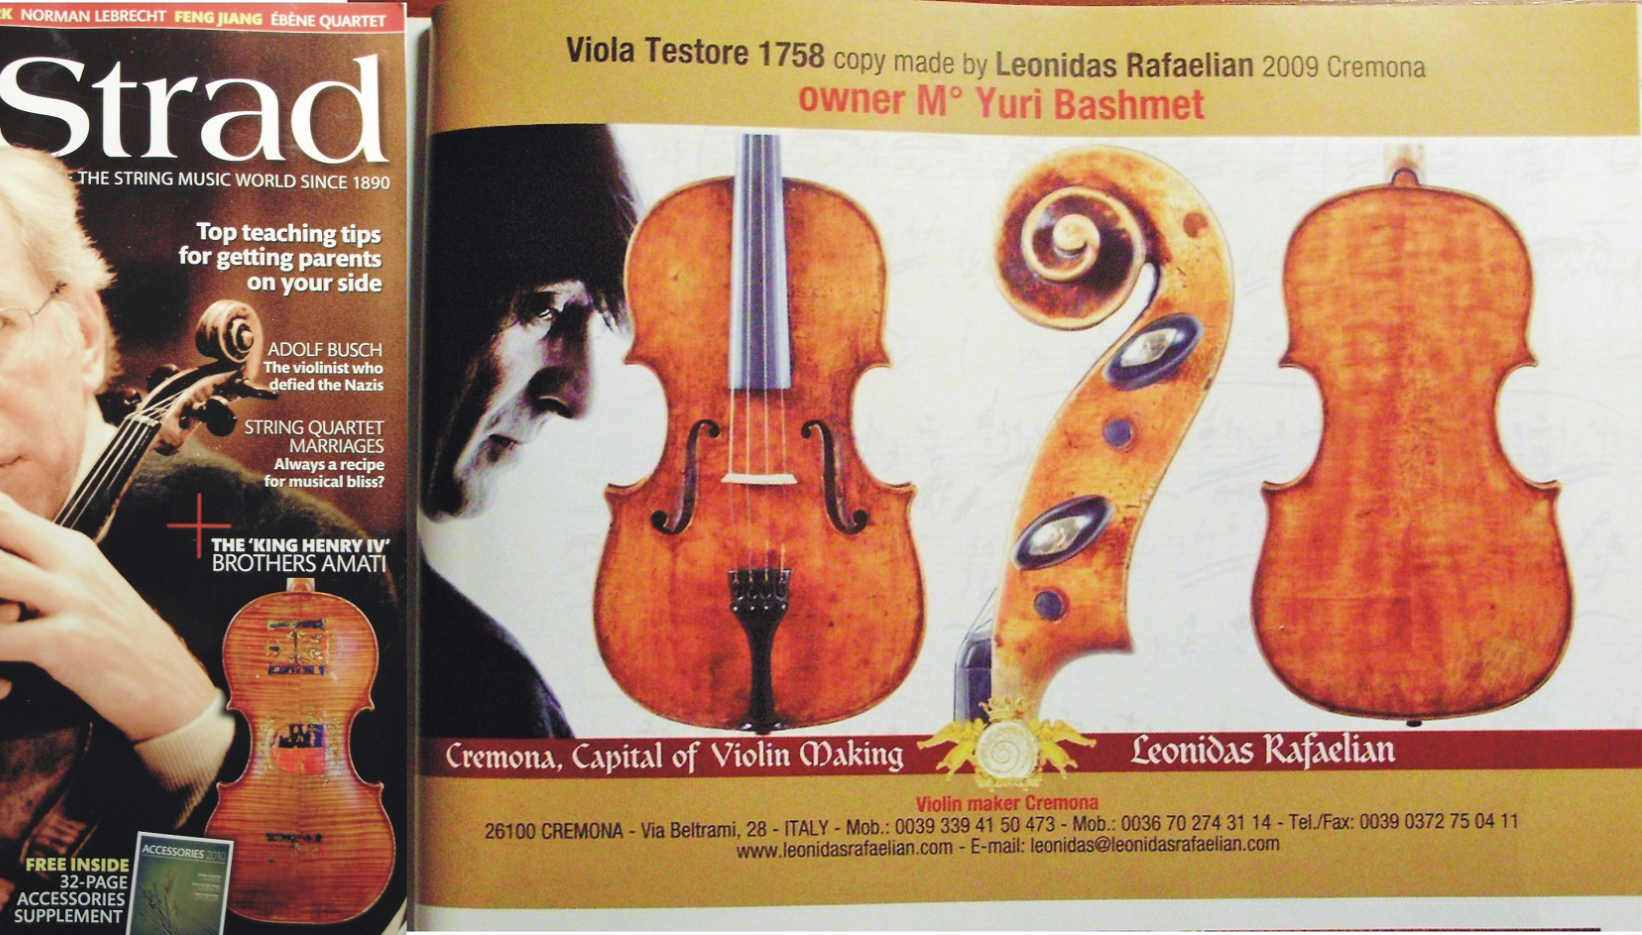 Magazine ad in Strad 2010/10